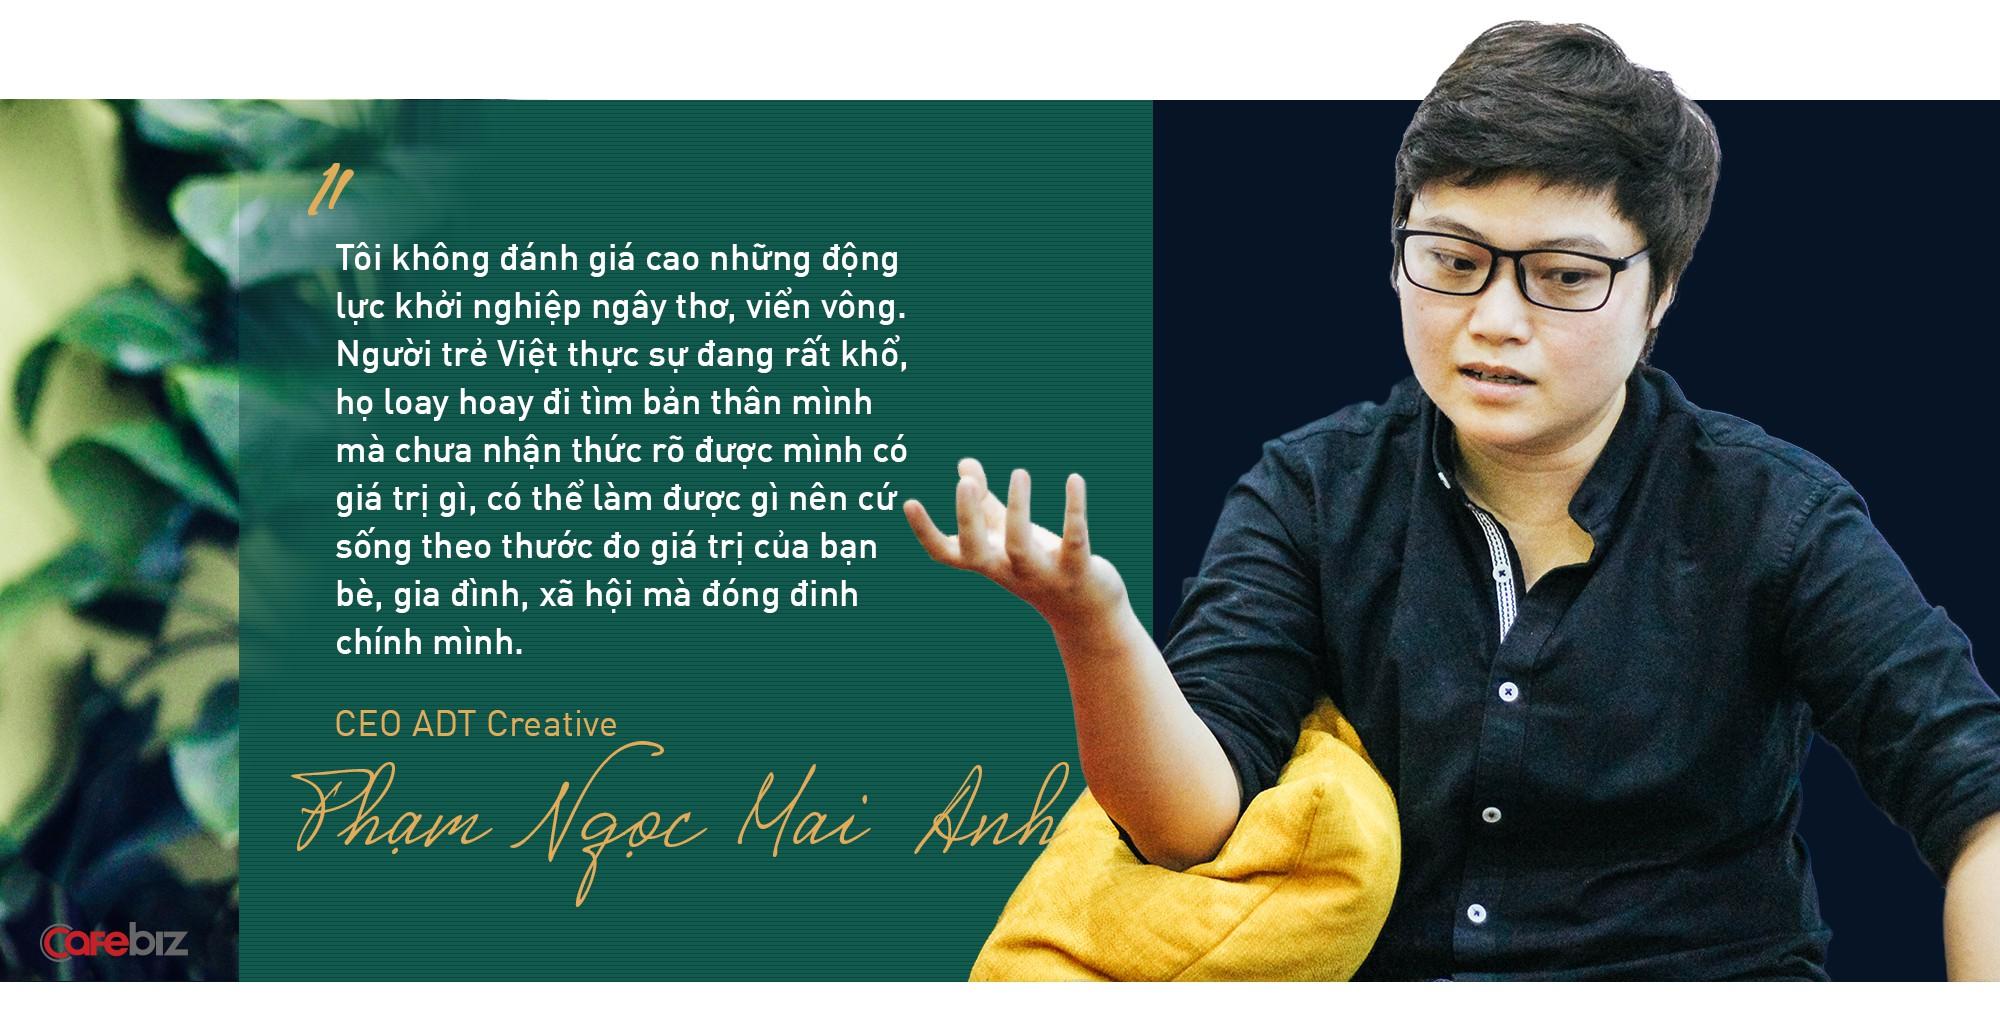 """CEO ADT Creative - đối tác duy nhất của Unity tại Việt Nam: """"Người trẻ Việt khổ quá, mở mắt ra đã gánh áp lực phải thành công. Nên biết mình thiếu sót mới là dấu hiệu đáng mừng"""" - Ảnh 6."""